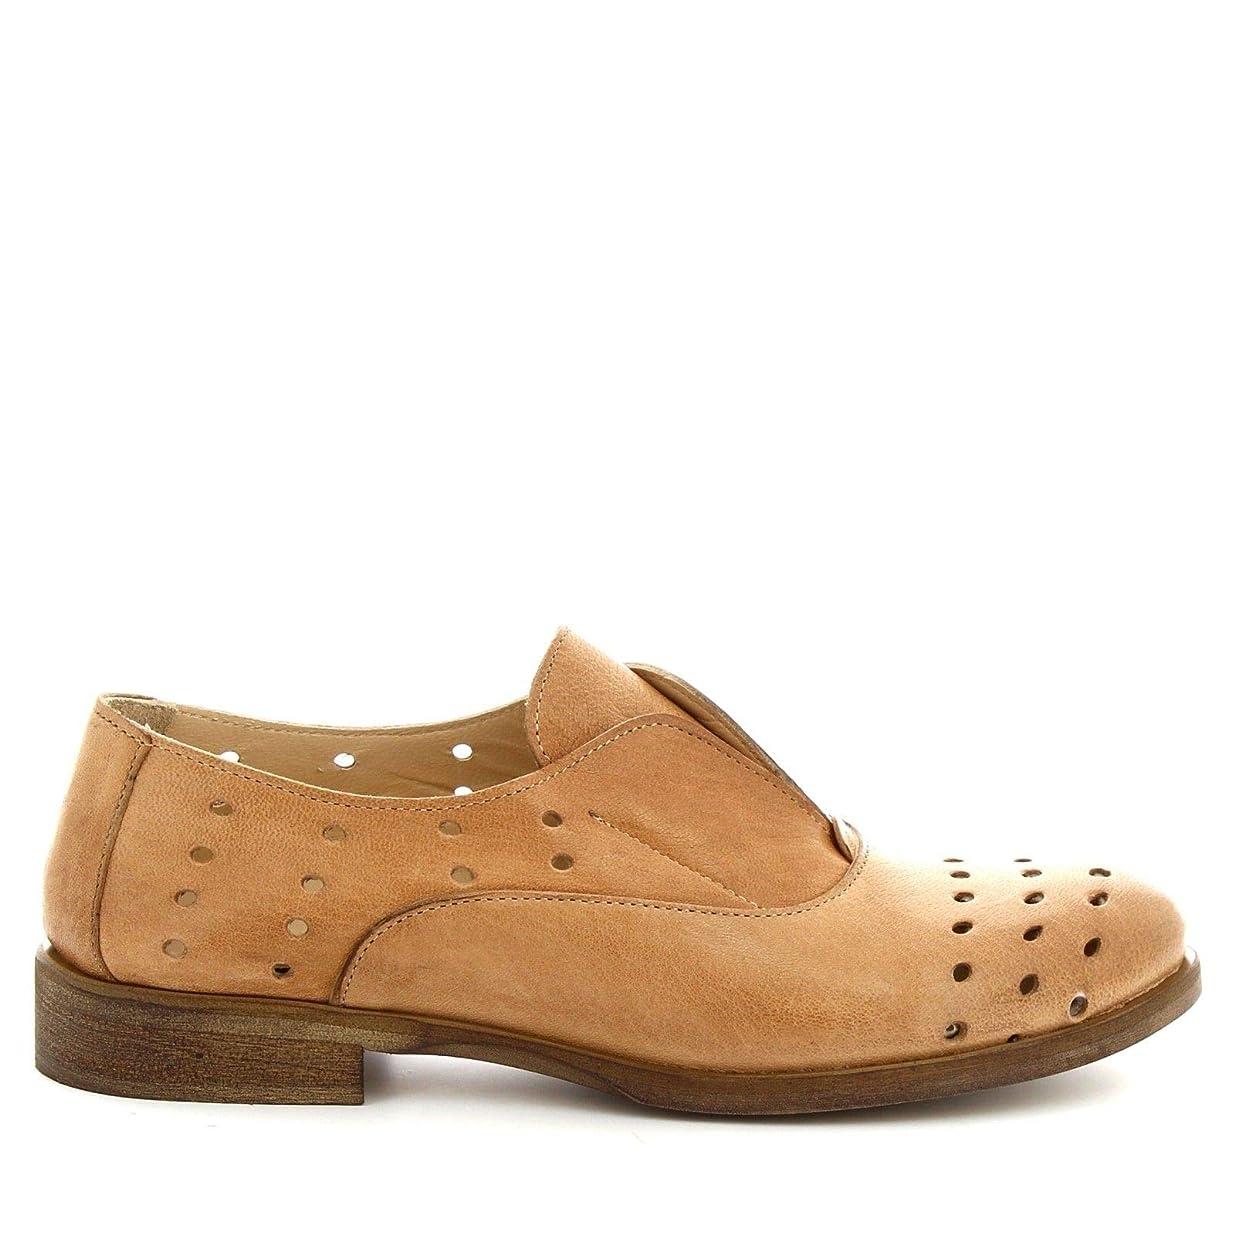 ステッチ二年生所得[LEONARDO SHOES] レディース 7ROKTOFFY ベージュ 革 係靴ひも